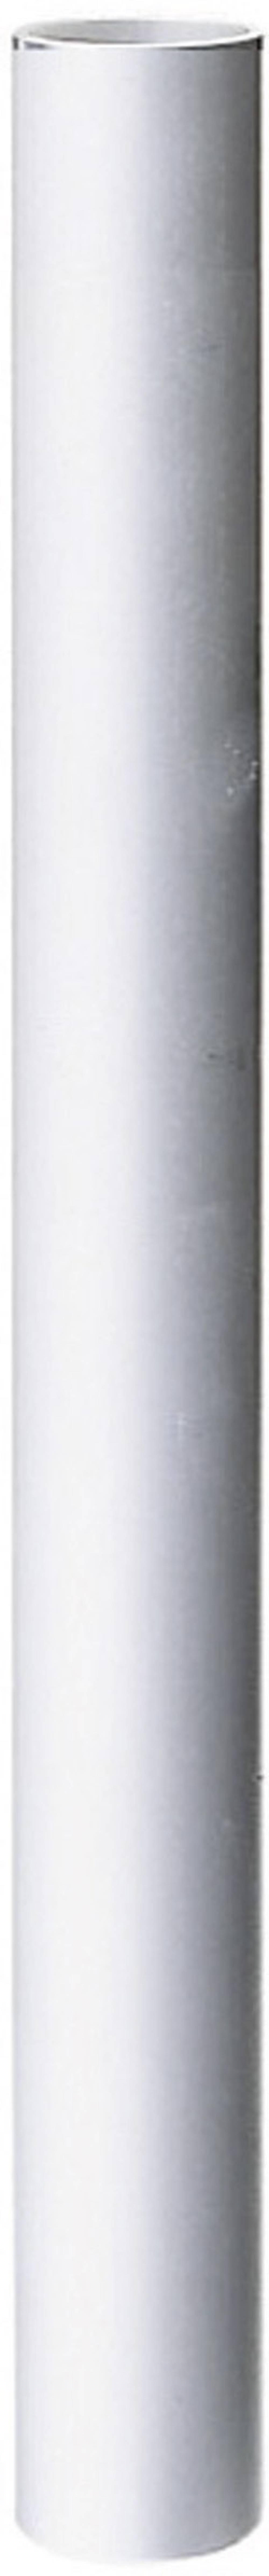 Cijev od aloksiranog aluninijaWerma Signaltechnik 975.845.10